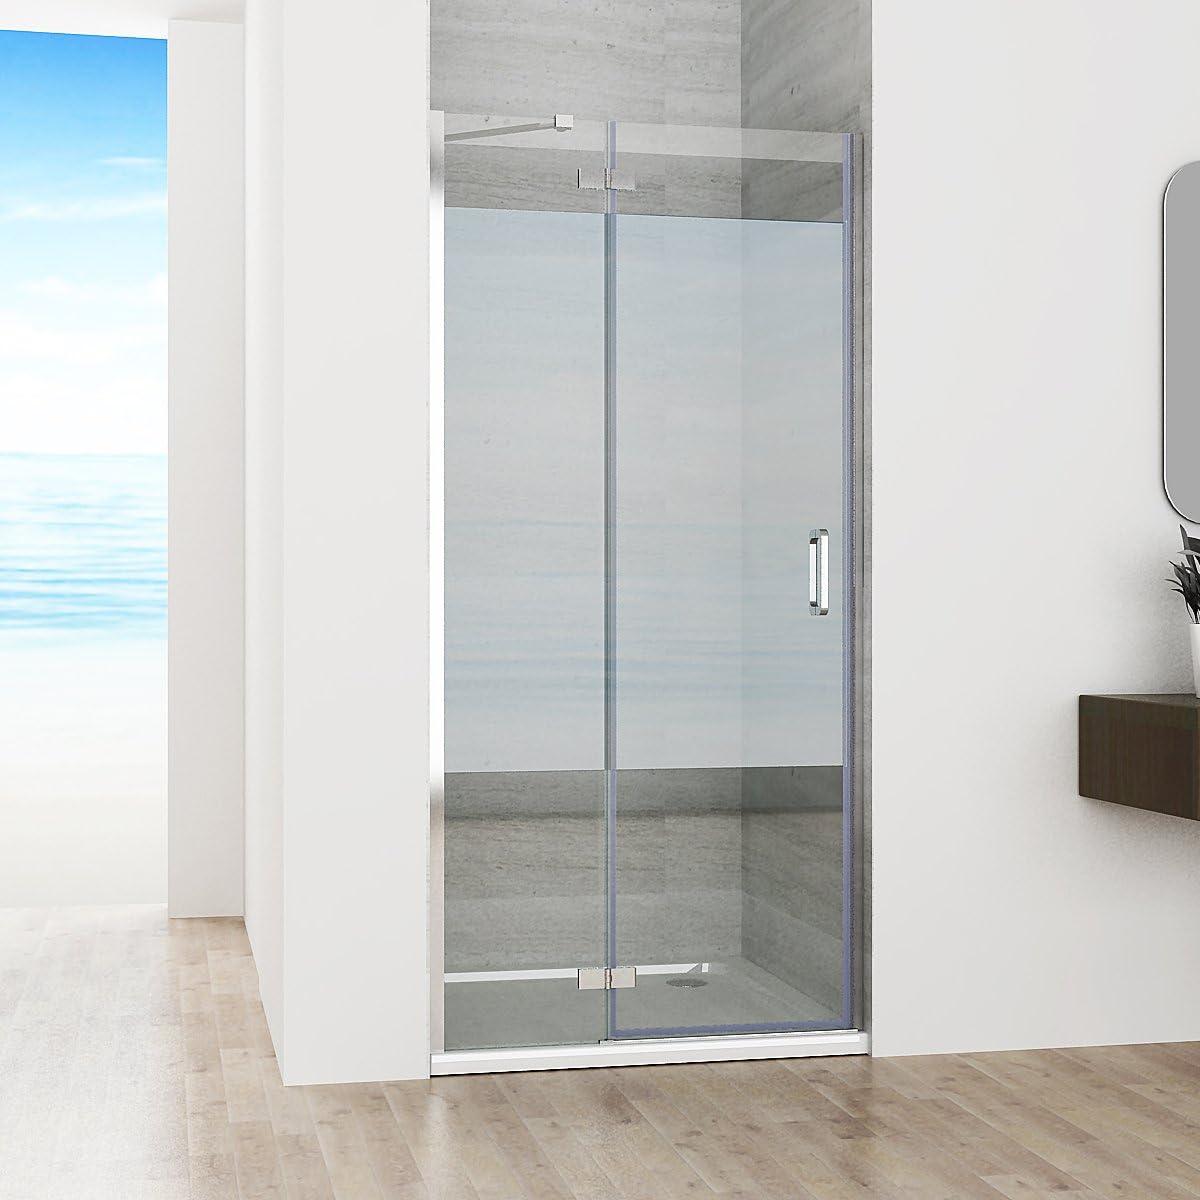 100 X 195 cm Mampara de ducha nichos de puerta puerta bisagra ...